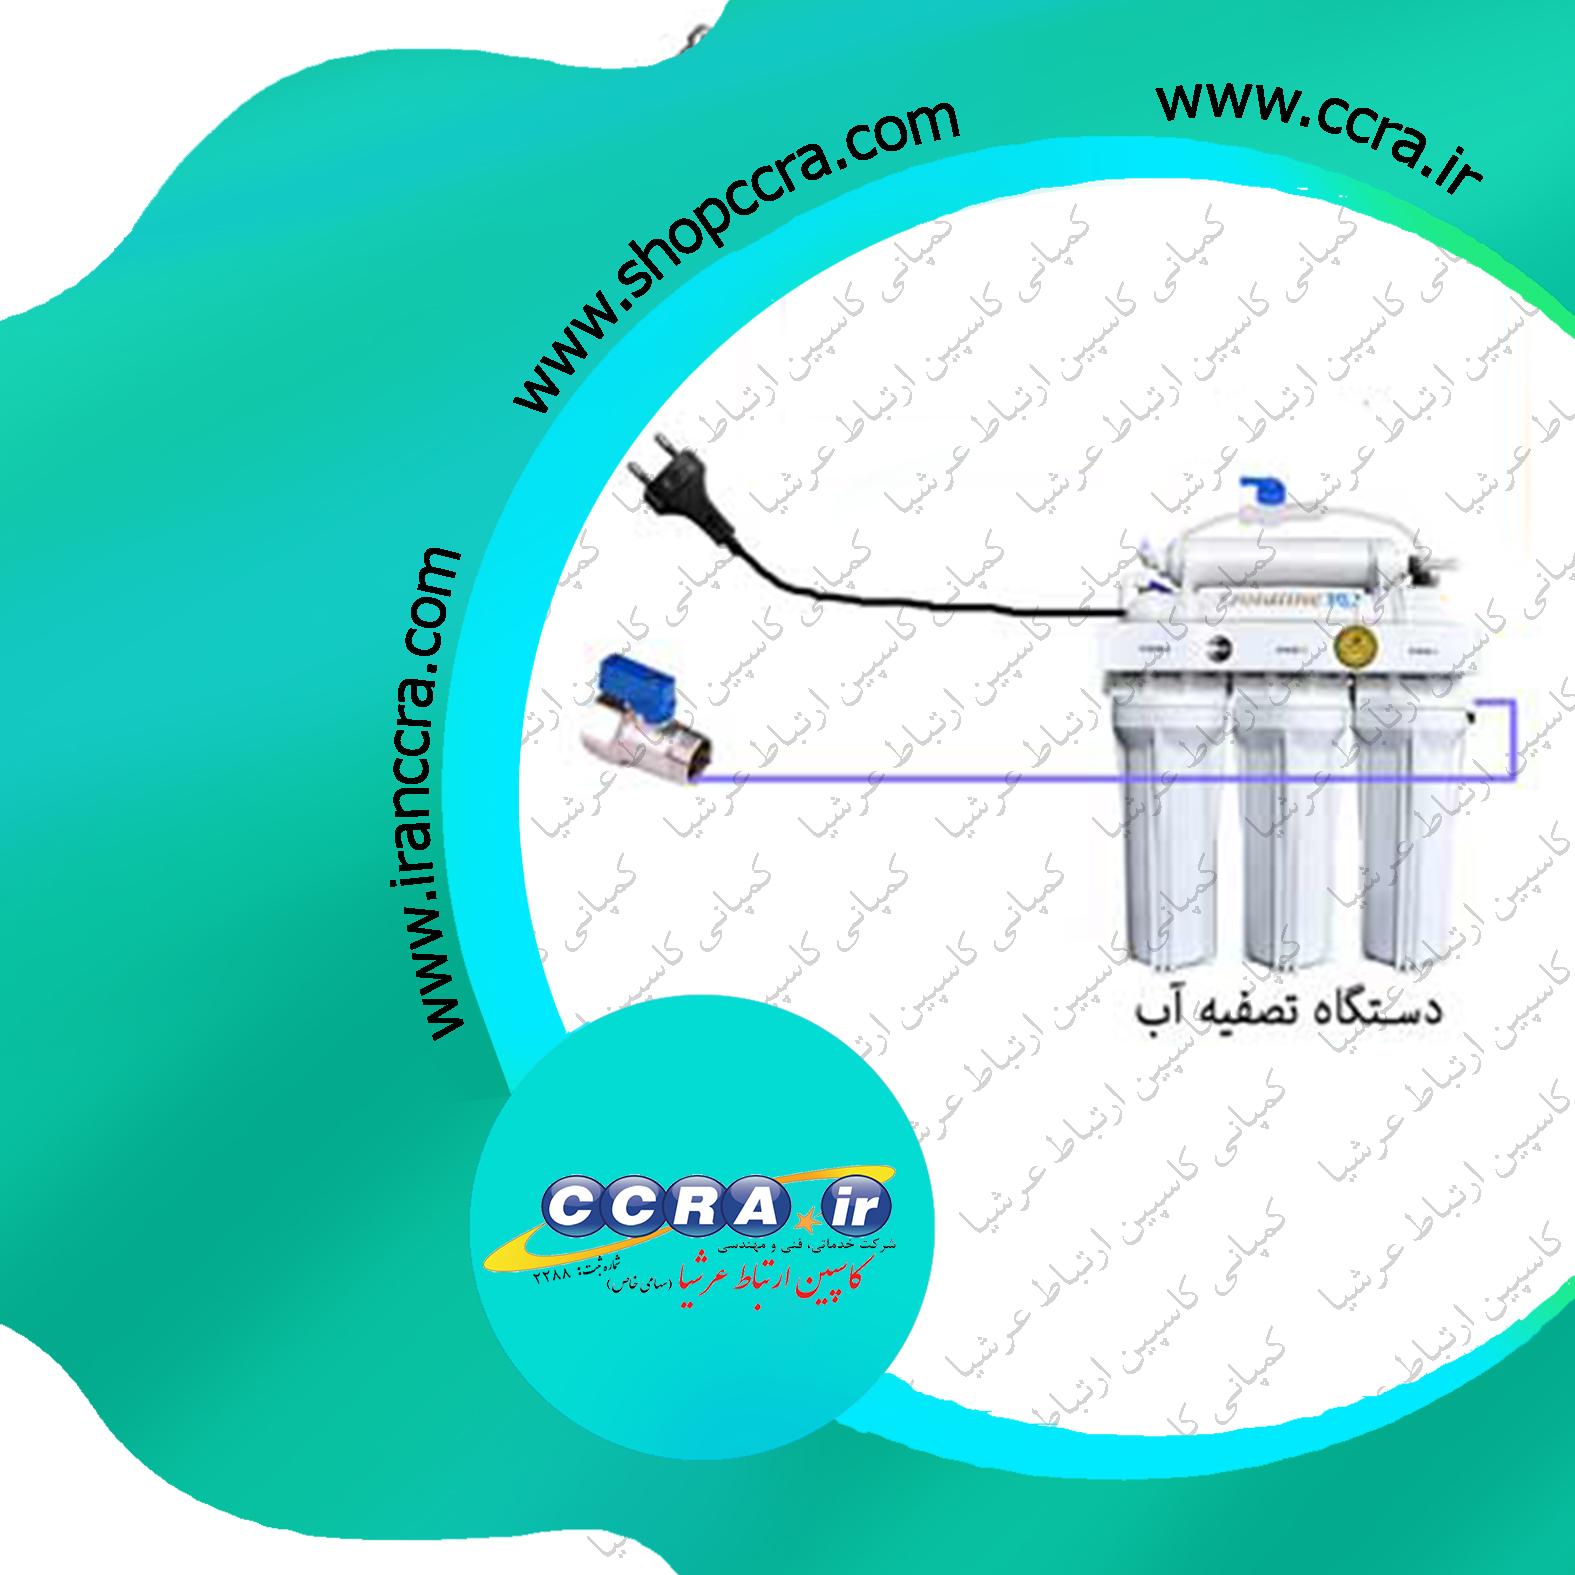 نحوه اتصال دستگاه تصفیه آب خانگی پیوری واتر به آب شهری